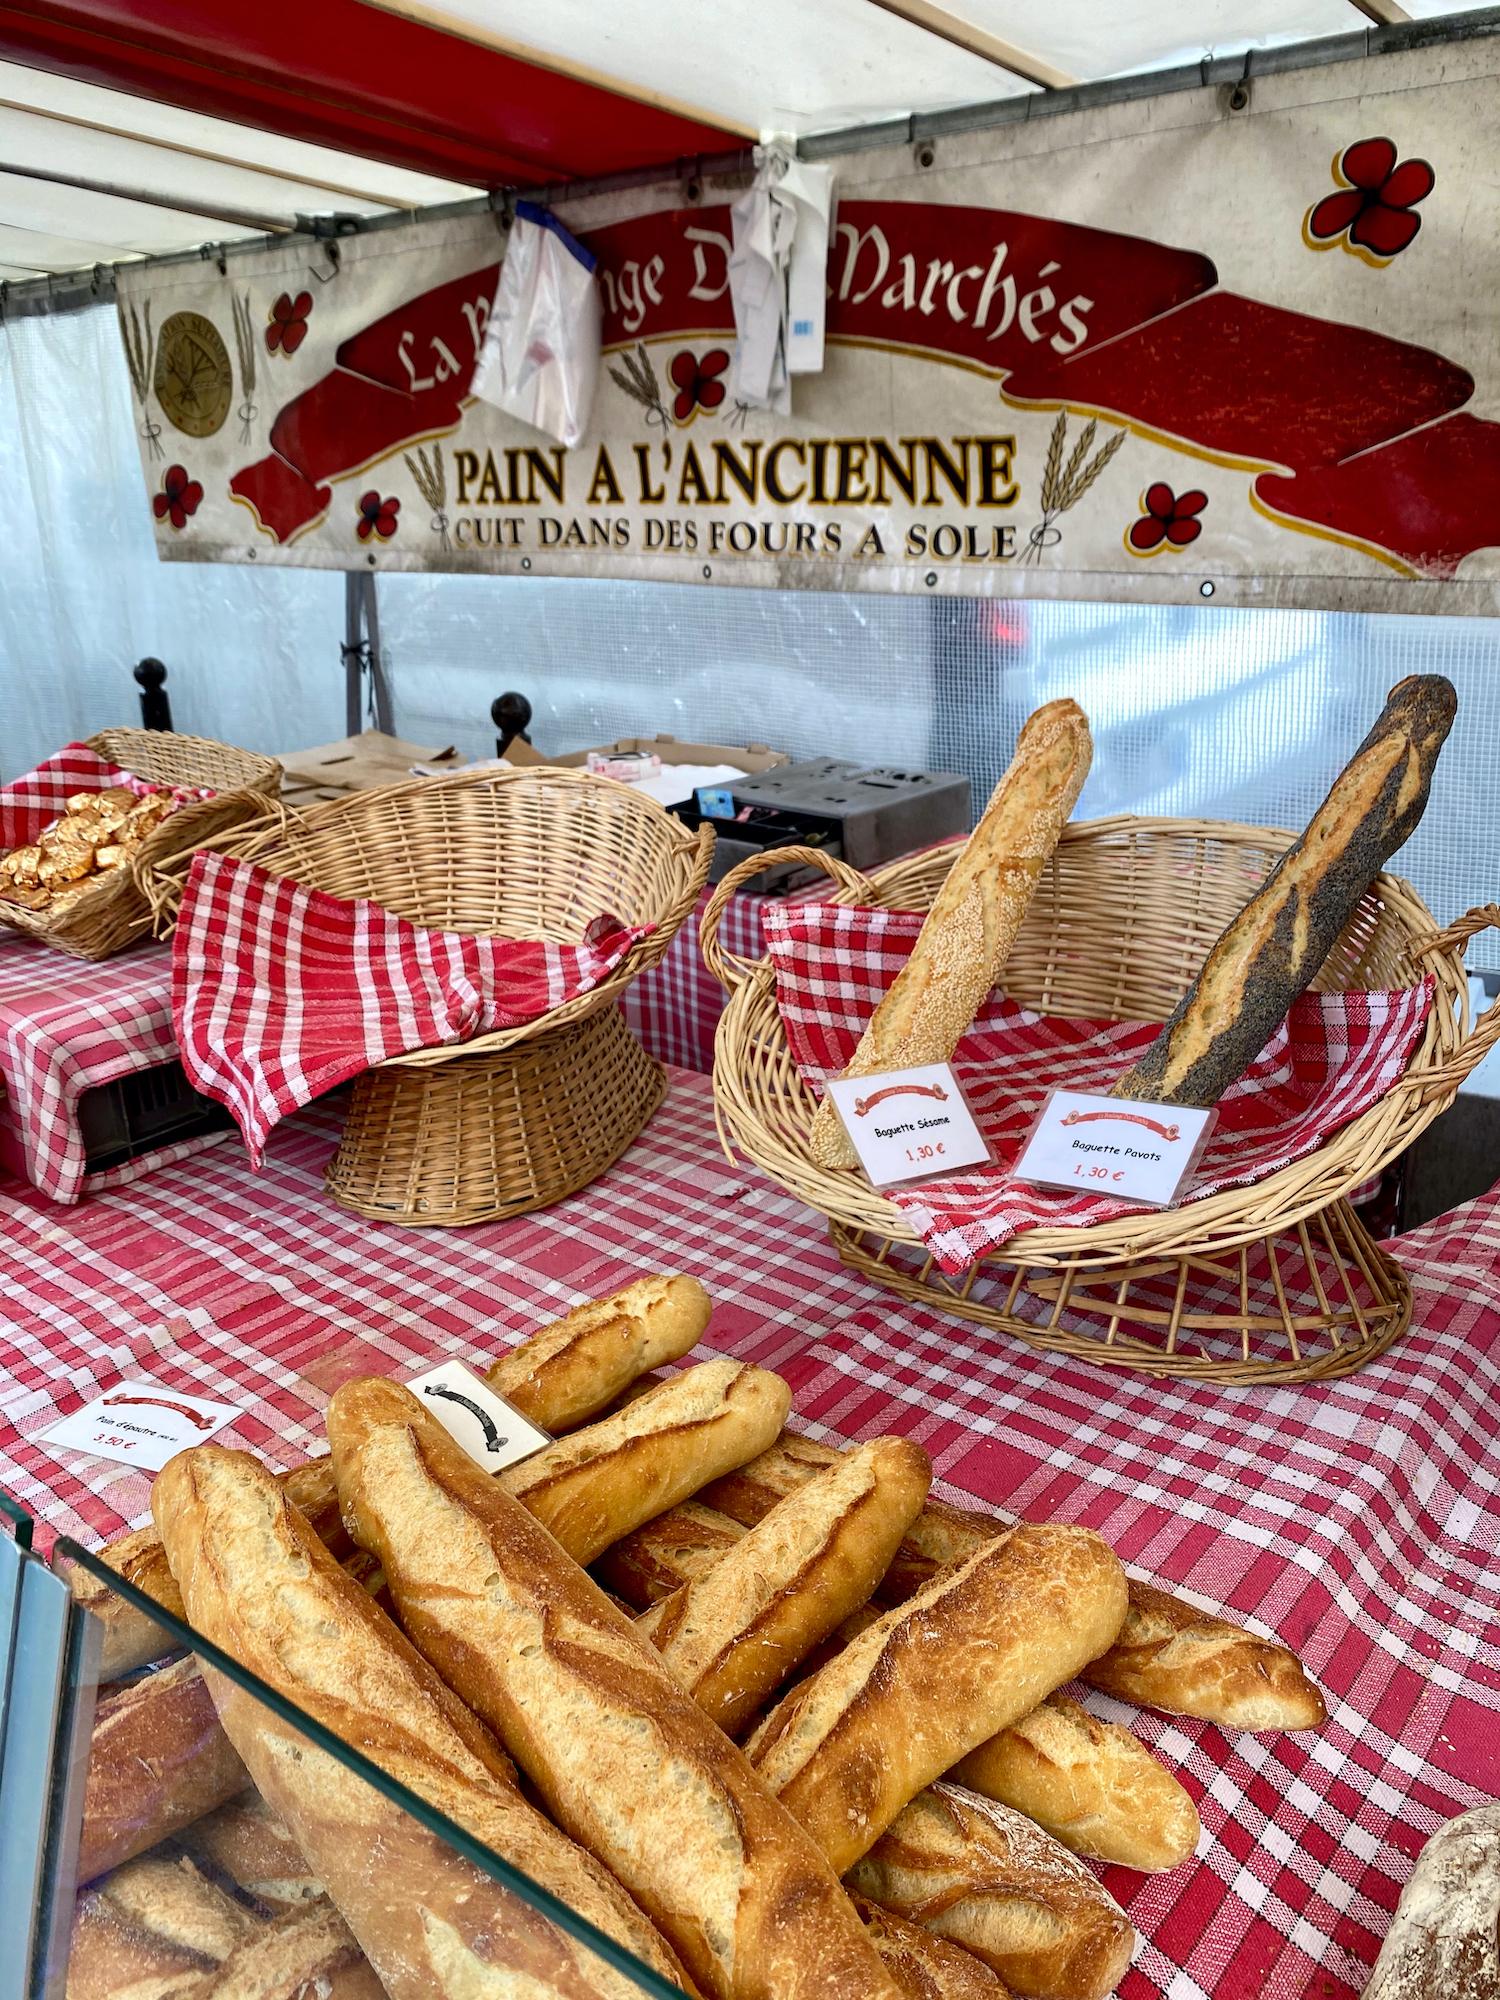 boulanger at Marché Raspail